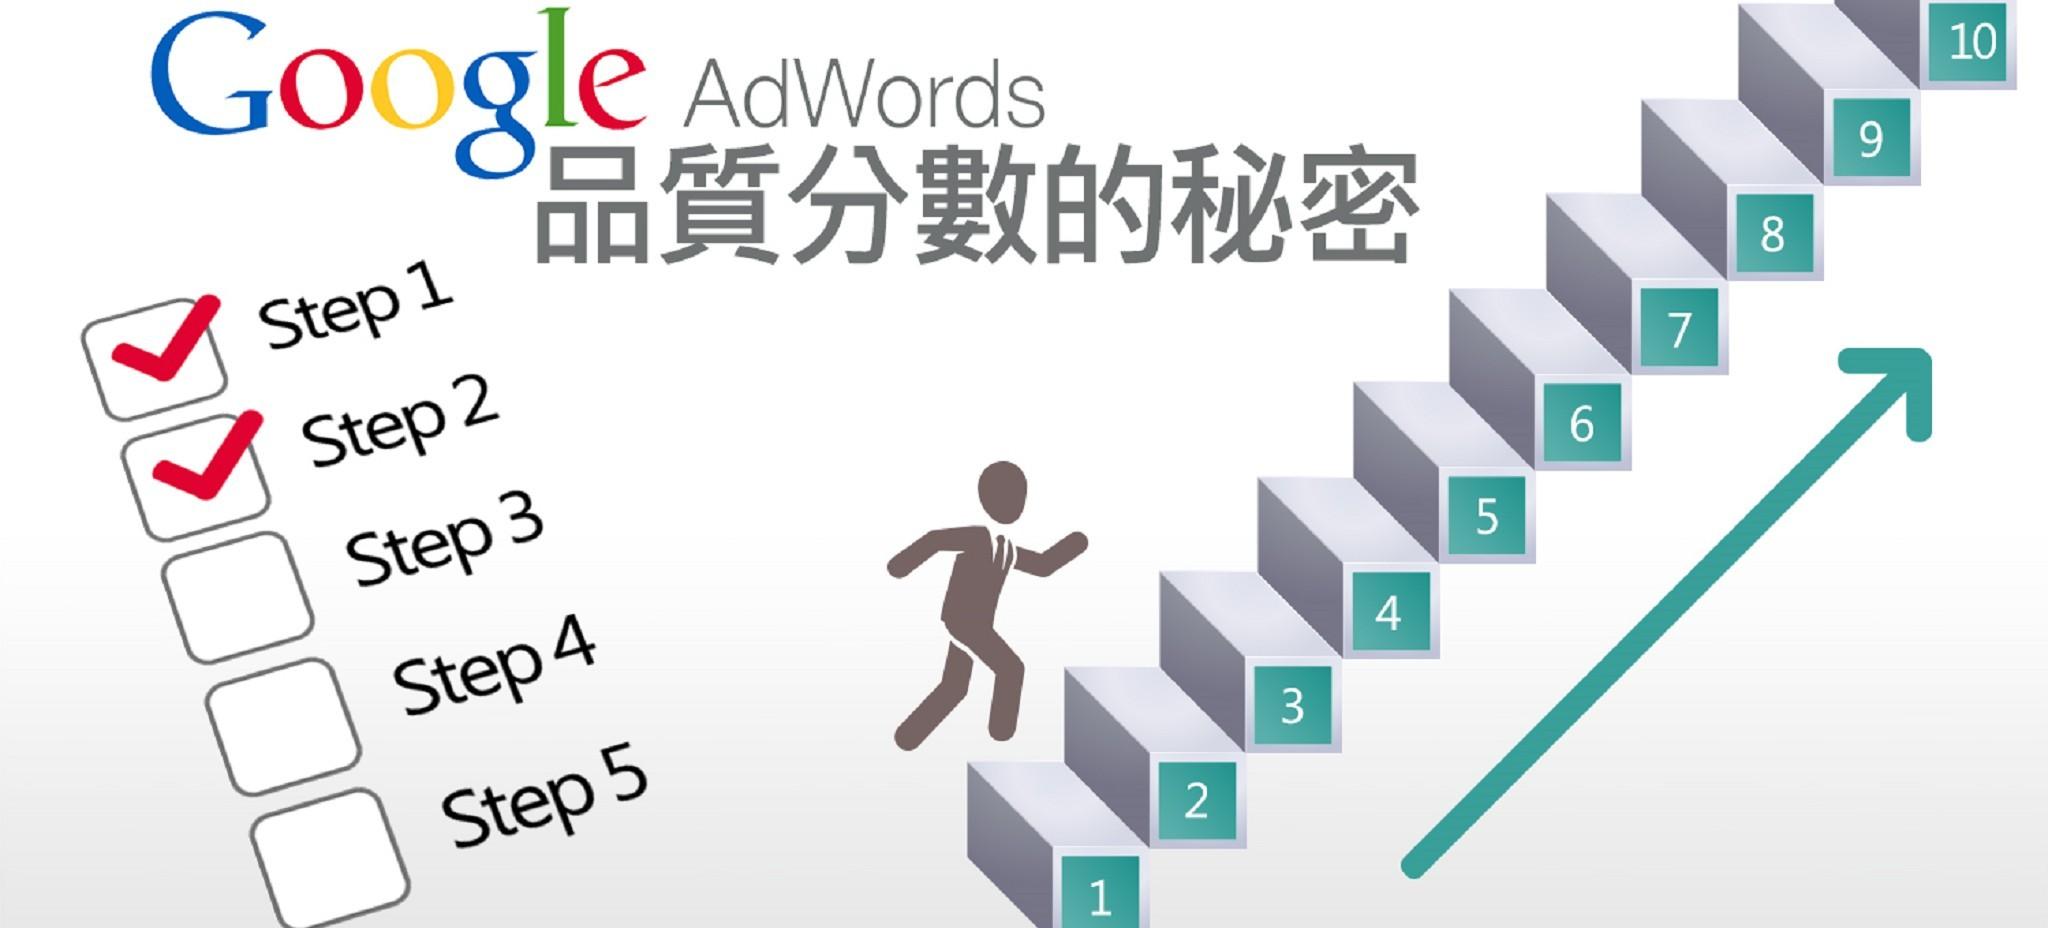 提升Google Adwords品質分數的密技,5大流程邁向10分境界